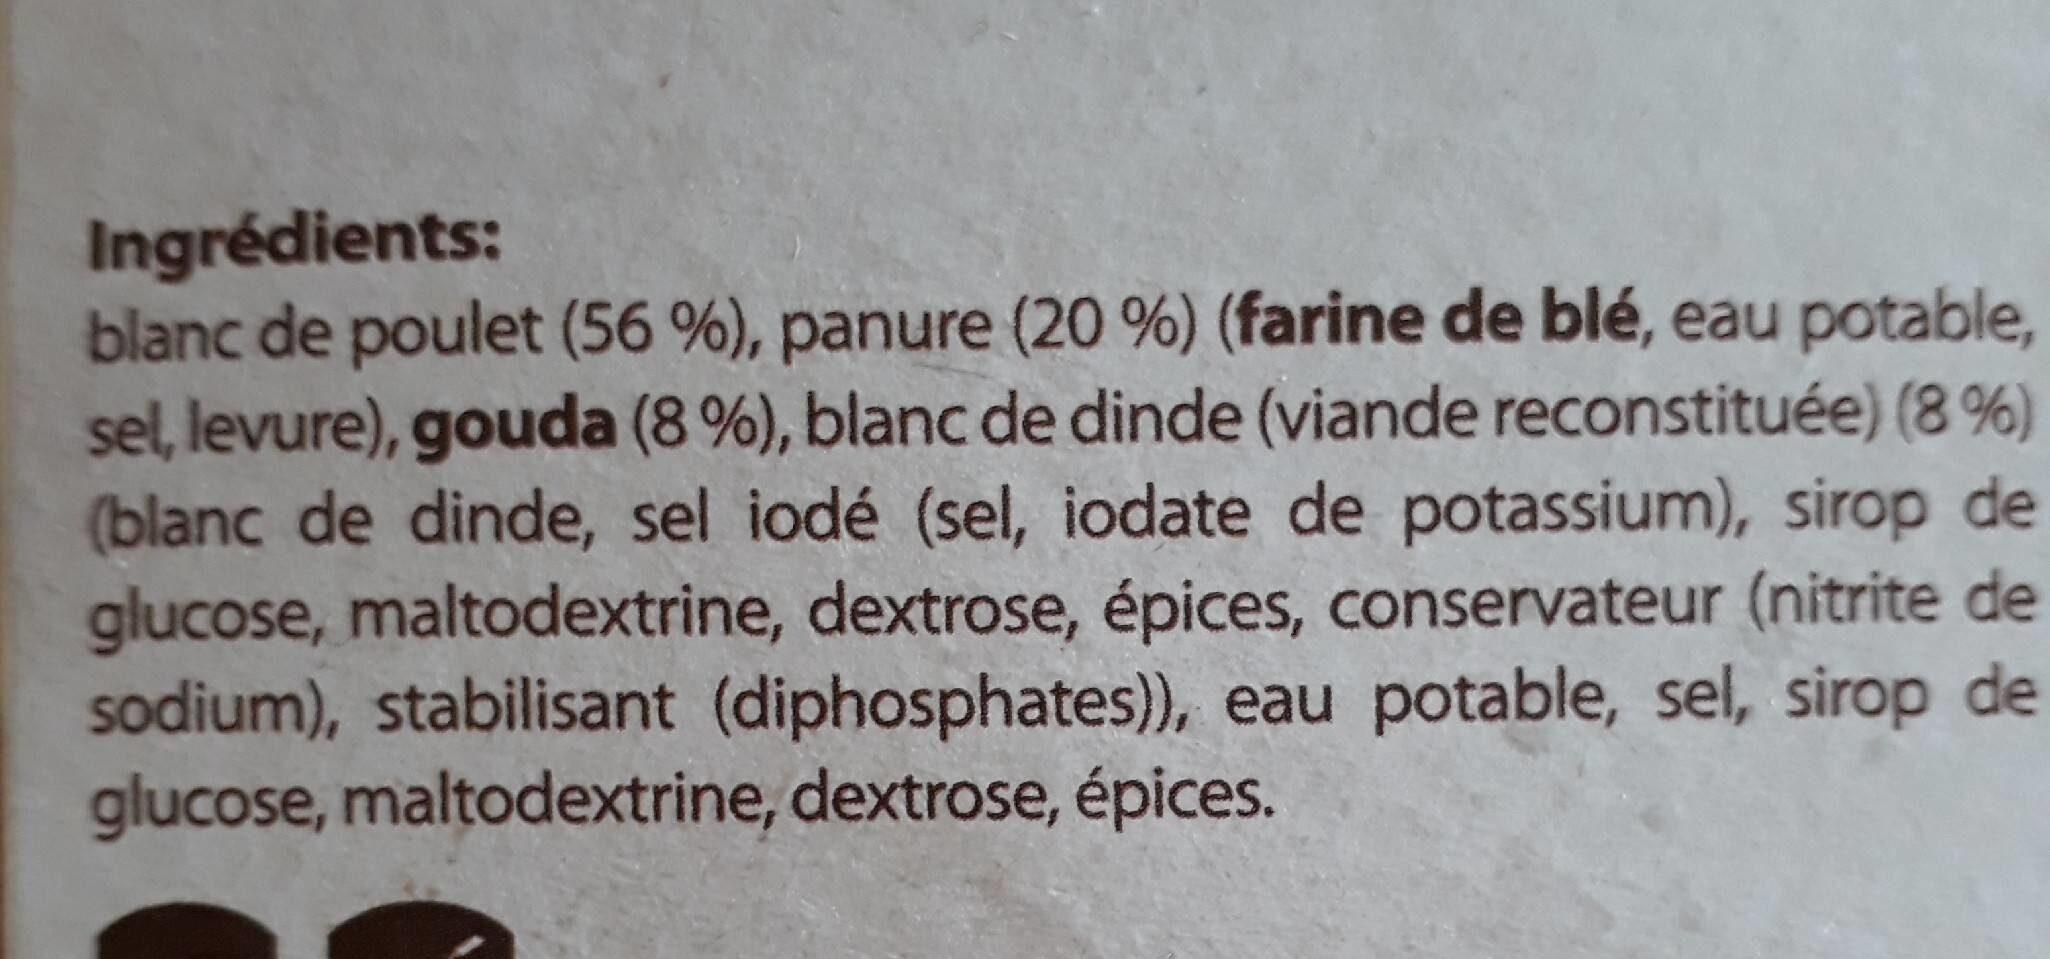 Cordon bleu de poulet - Ingrediënten